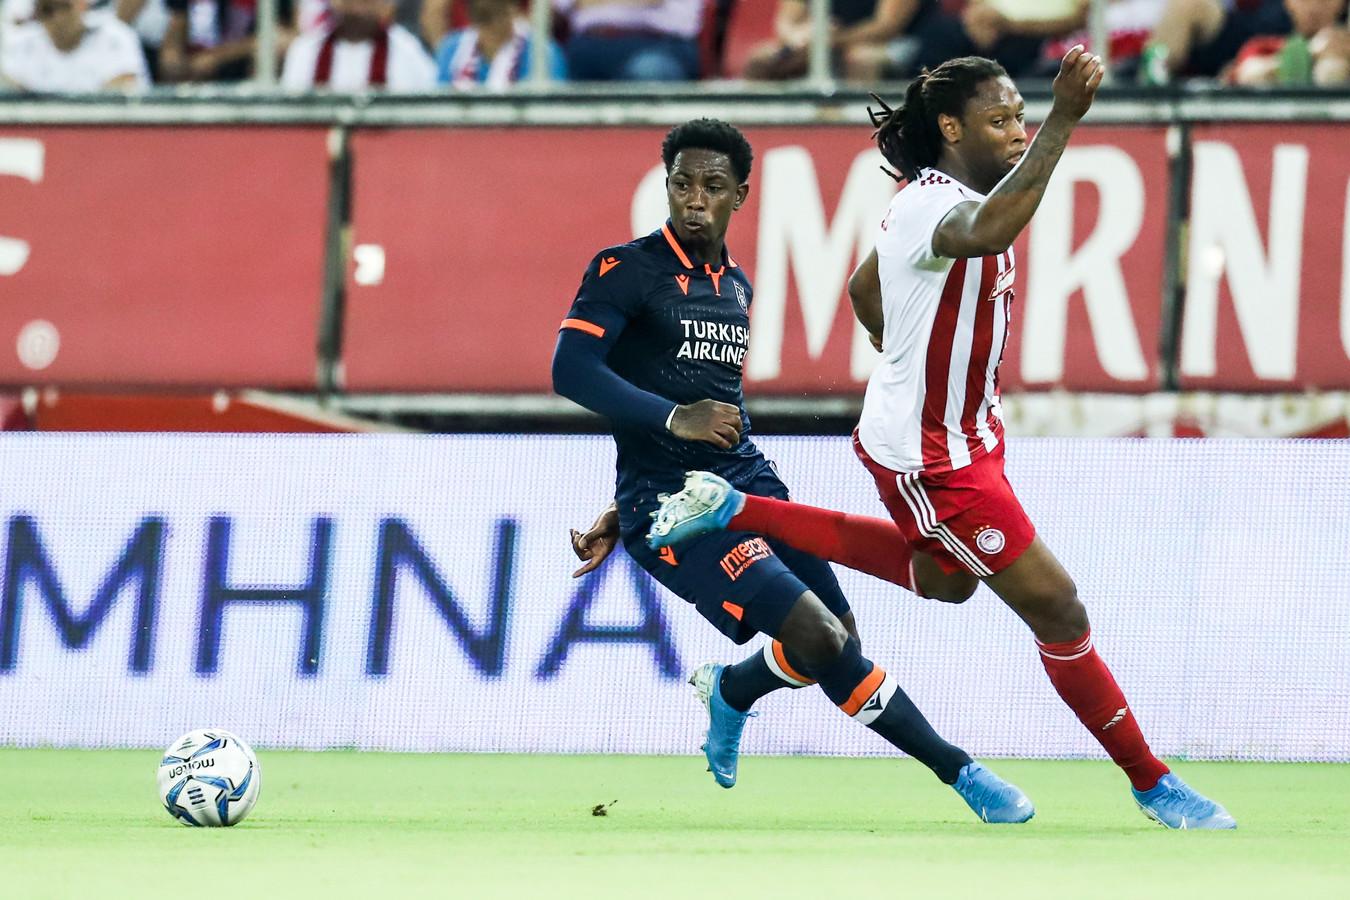 Eljero Elia in actie in het duel met Olympiakos.